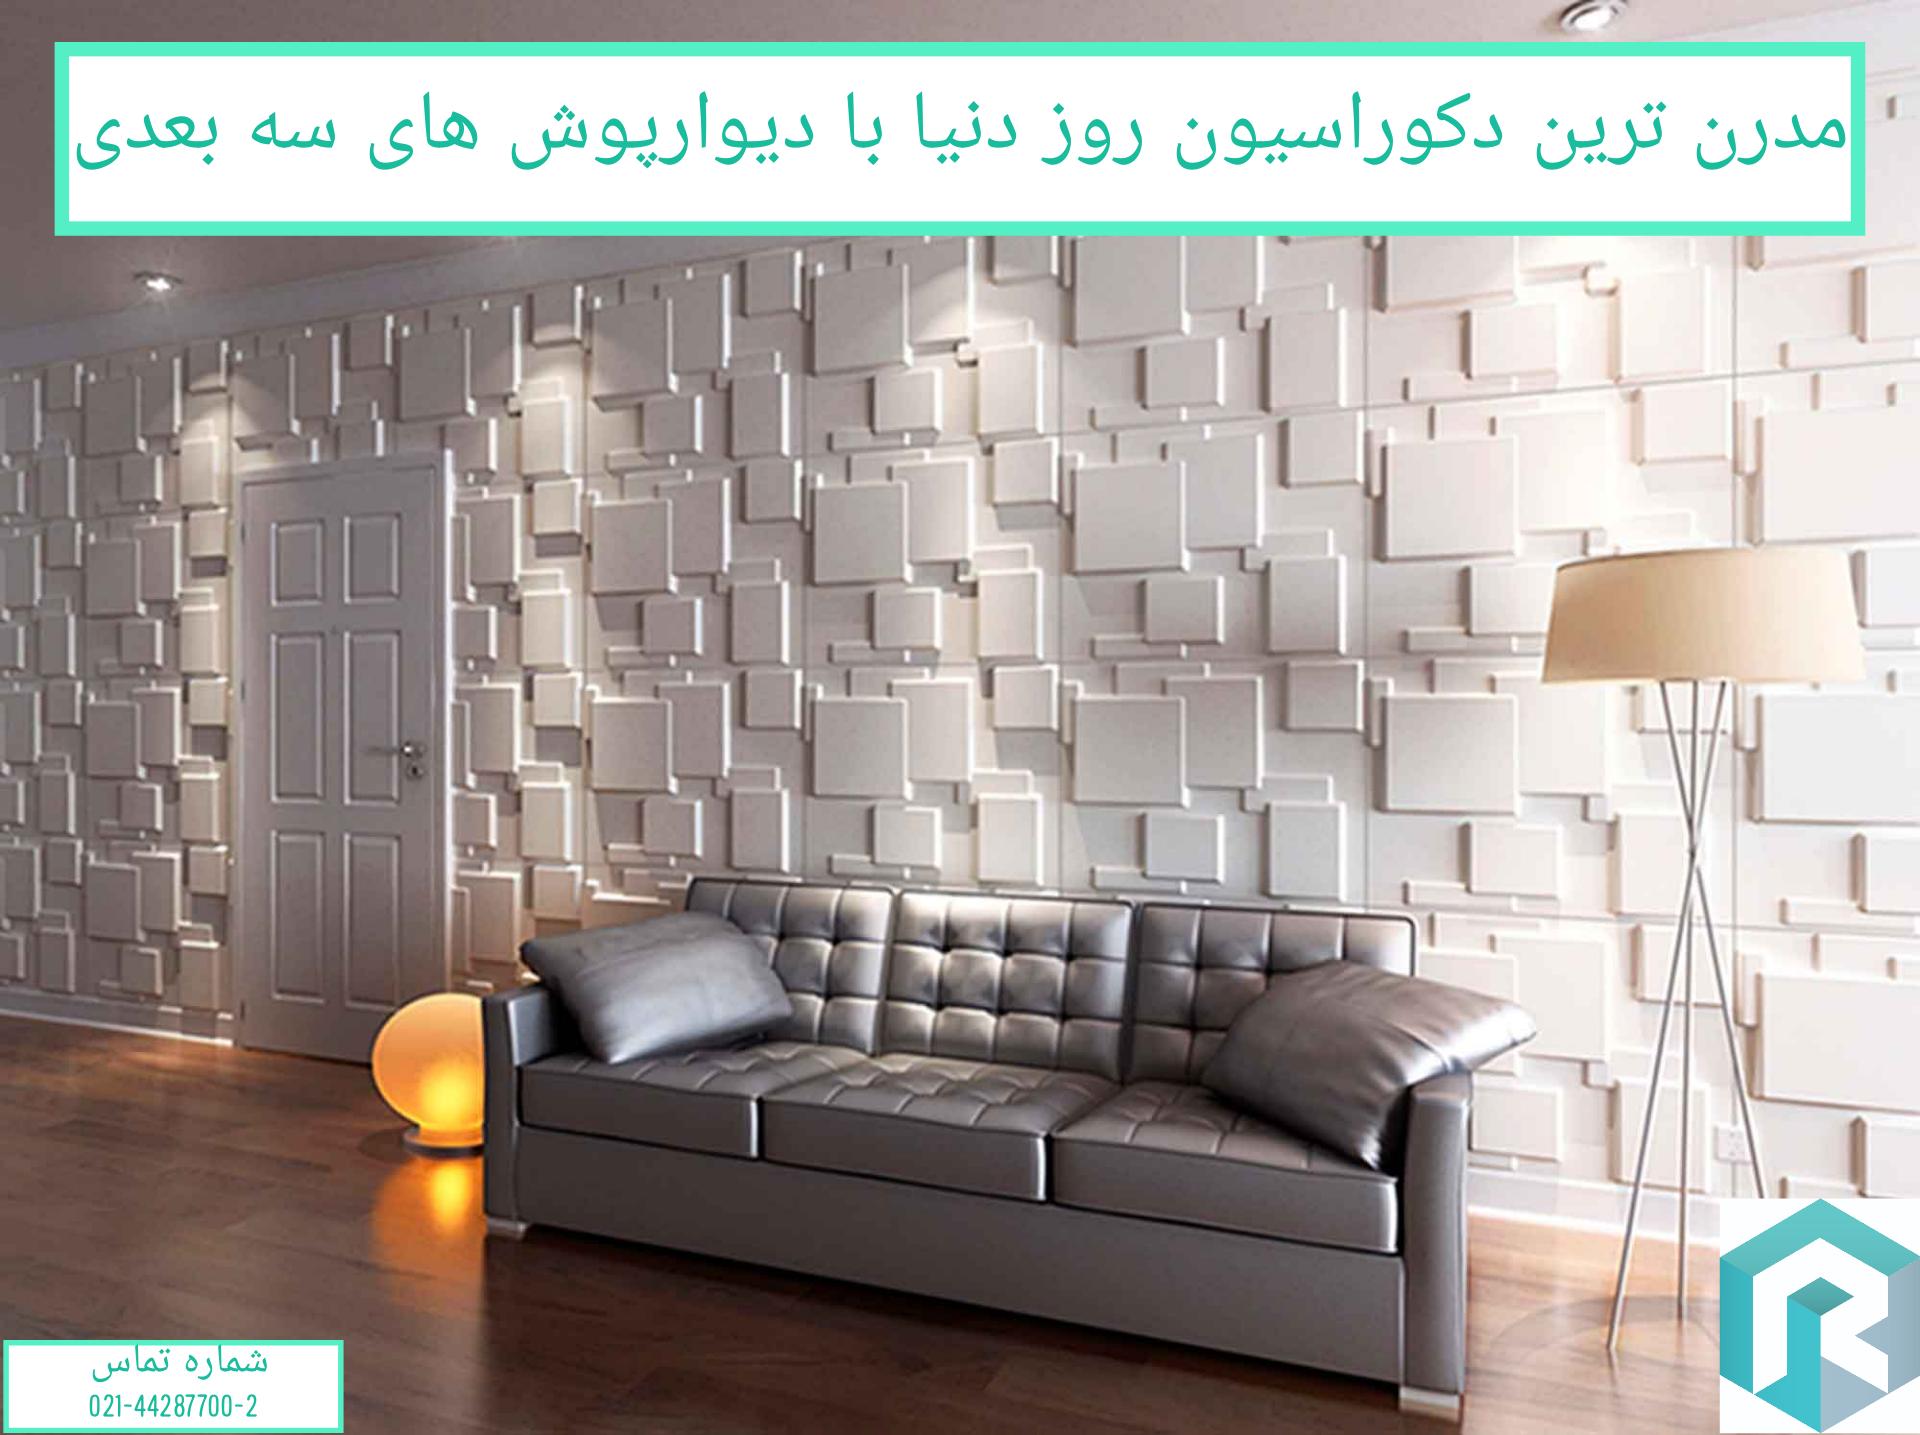 مدرنترین دیوارپوش سه بعدی